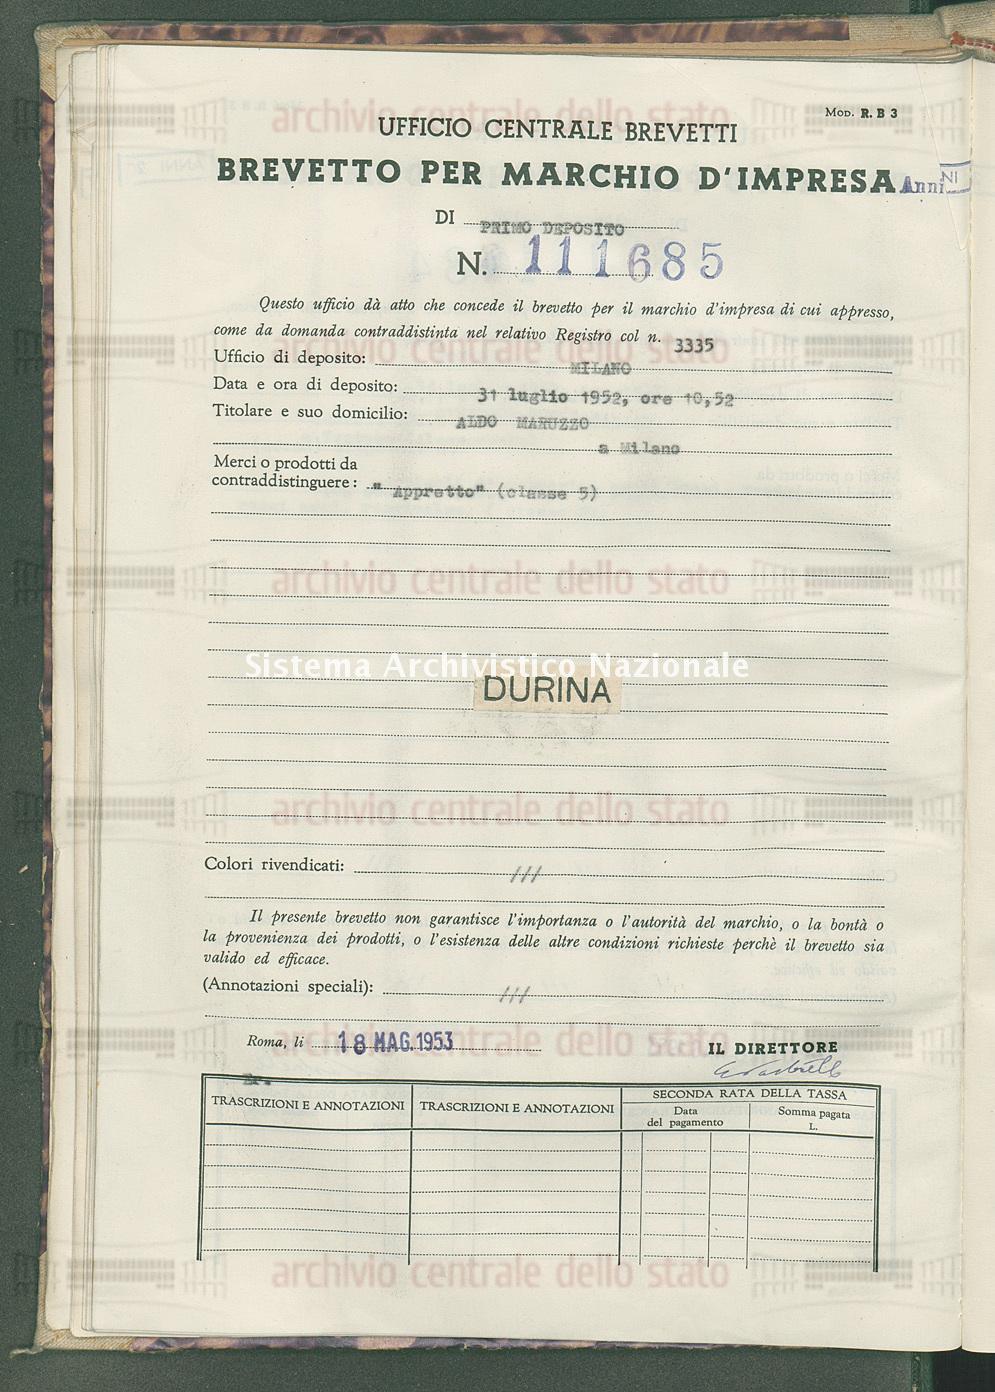 'Appretto' Aldo Maruzzo (18/05/1953)